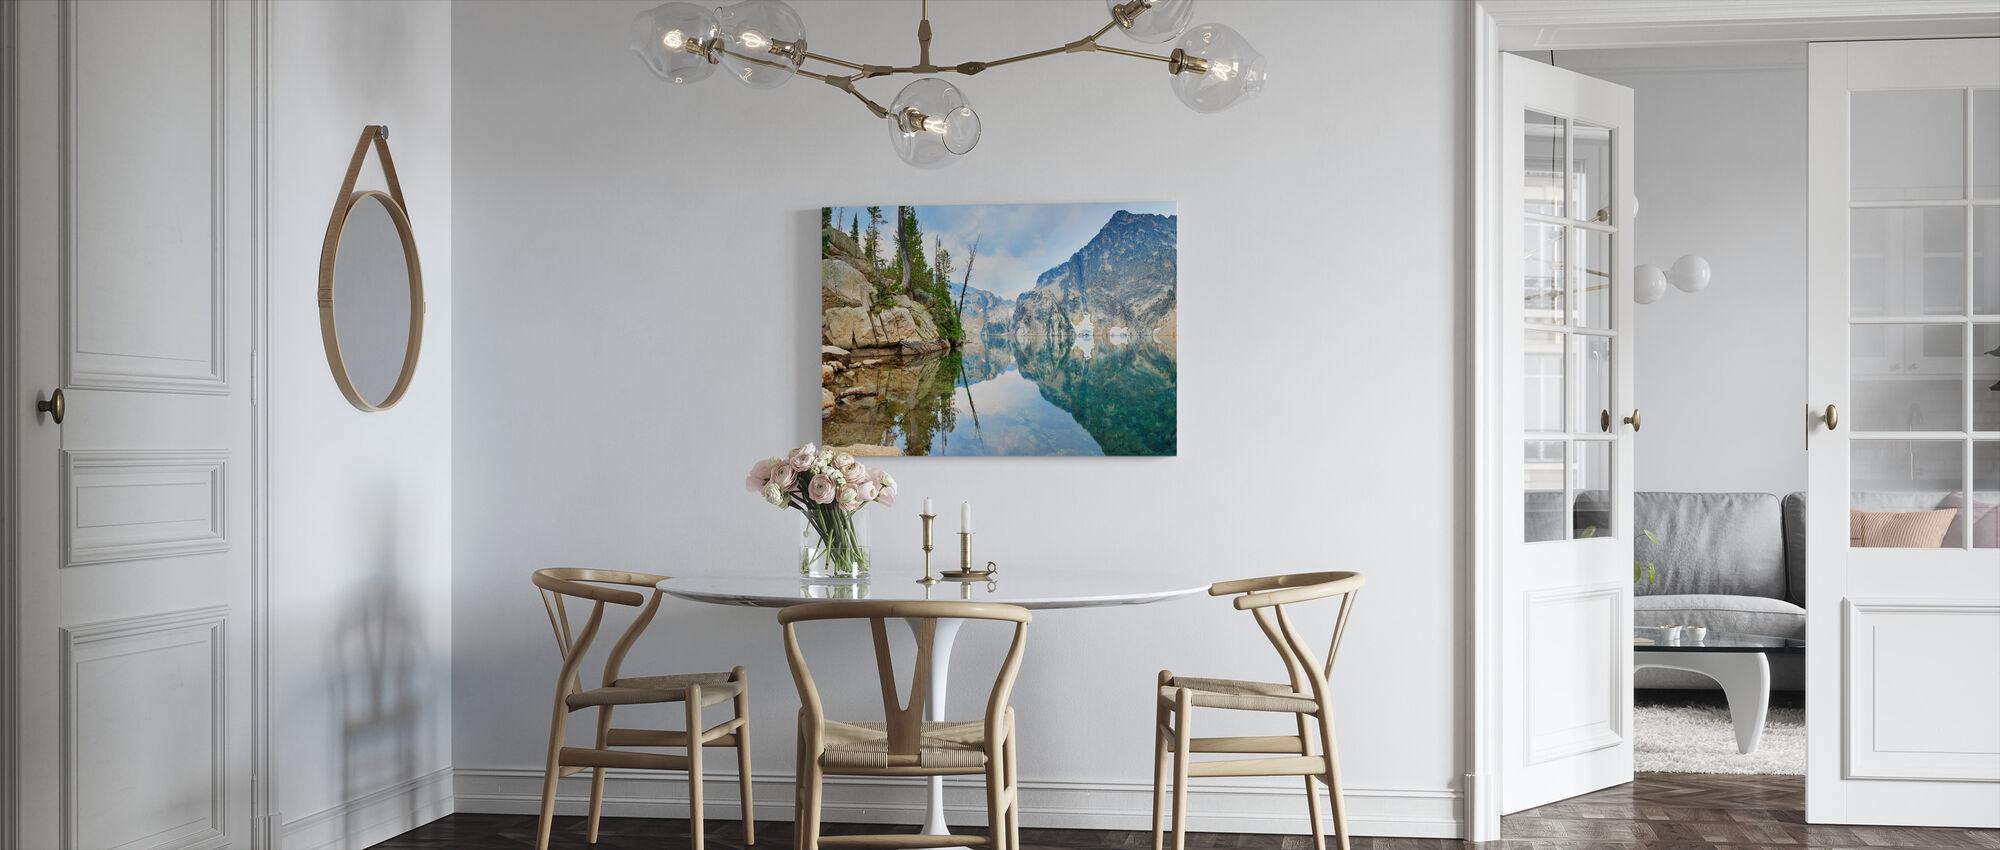 Mountain Lake med spejlrefleksion - Billede på lærred - Køkken